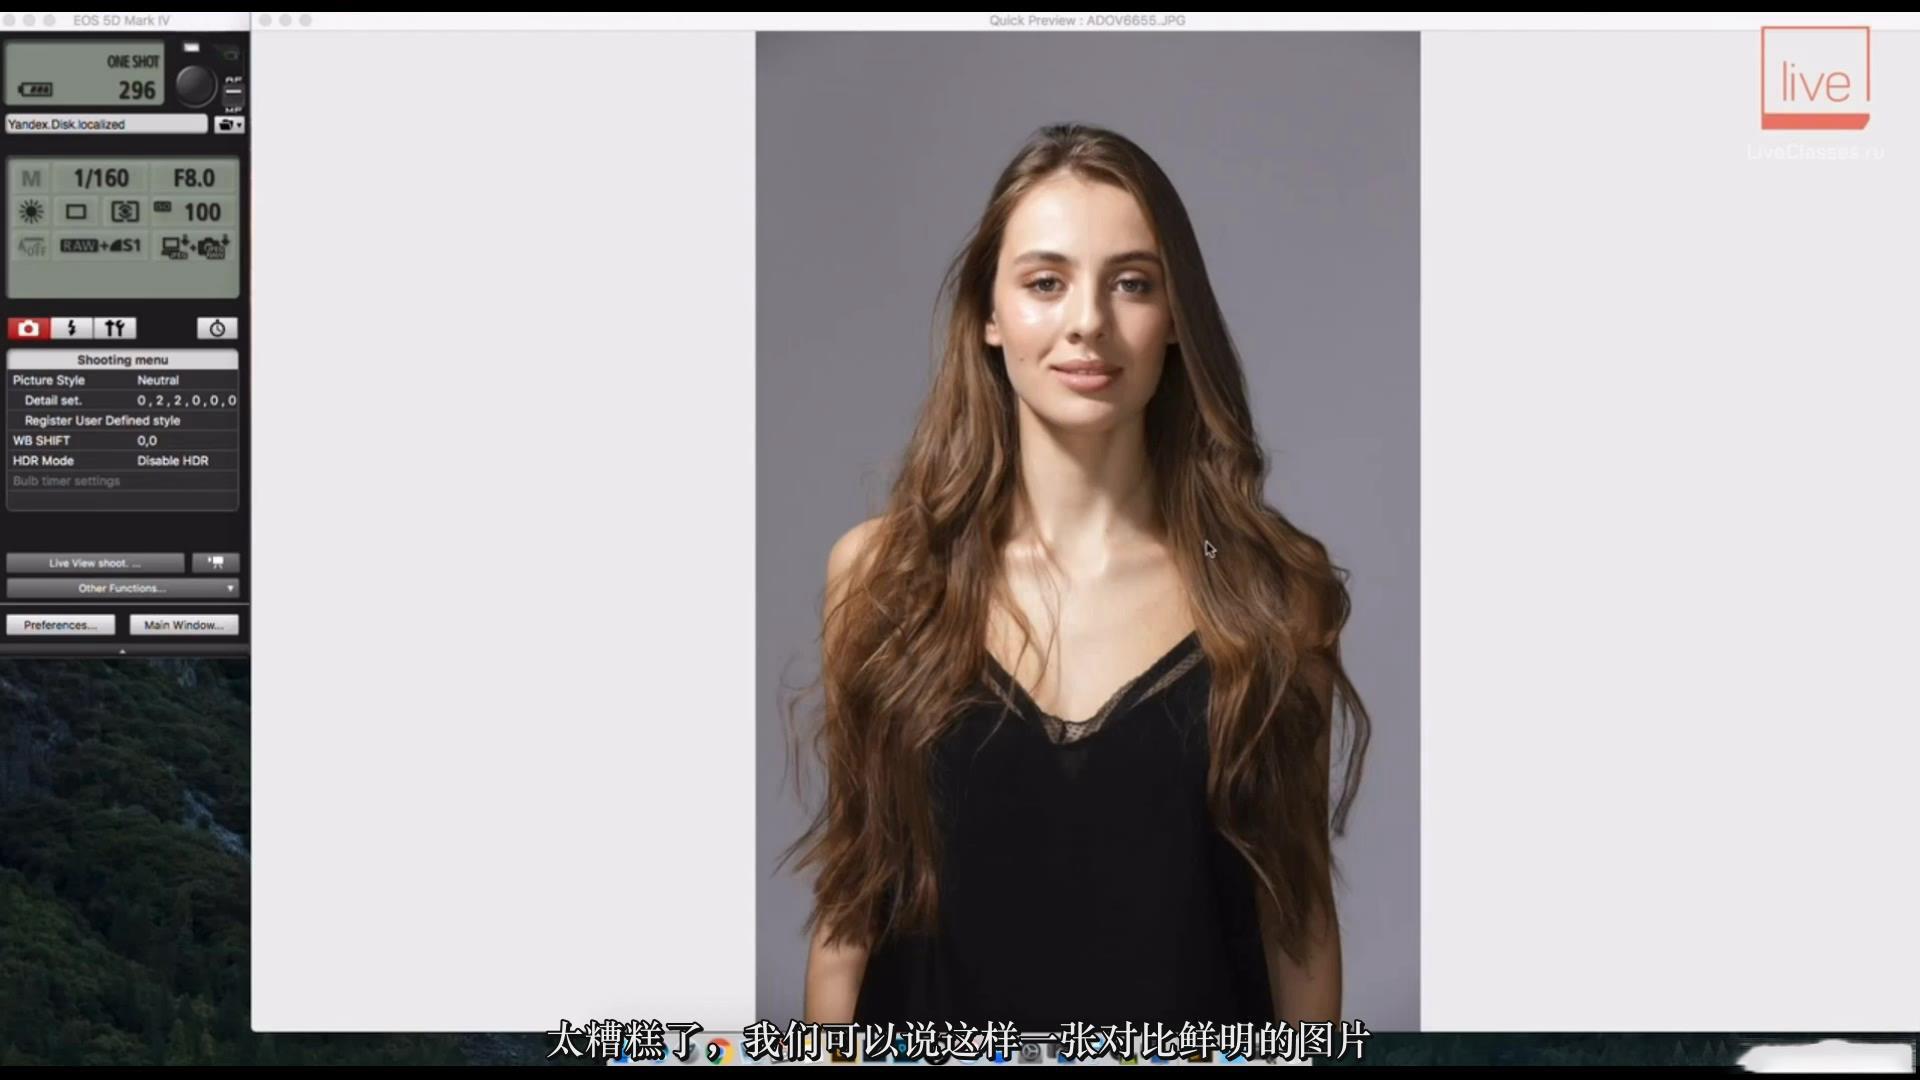 摄影教程_Liveclasses-Alexey Dovgulya使用强光或柔光拍摄酷炫工作室人像-中文字幕 摄影教程 _预览图7